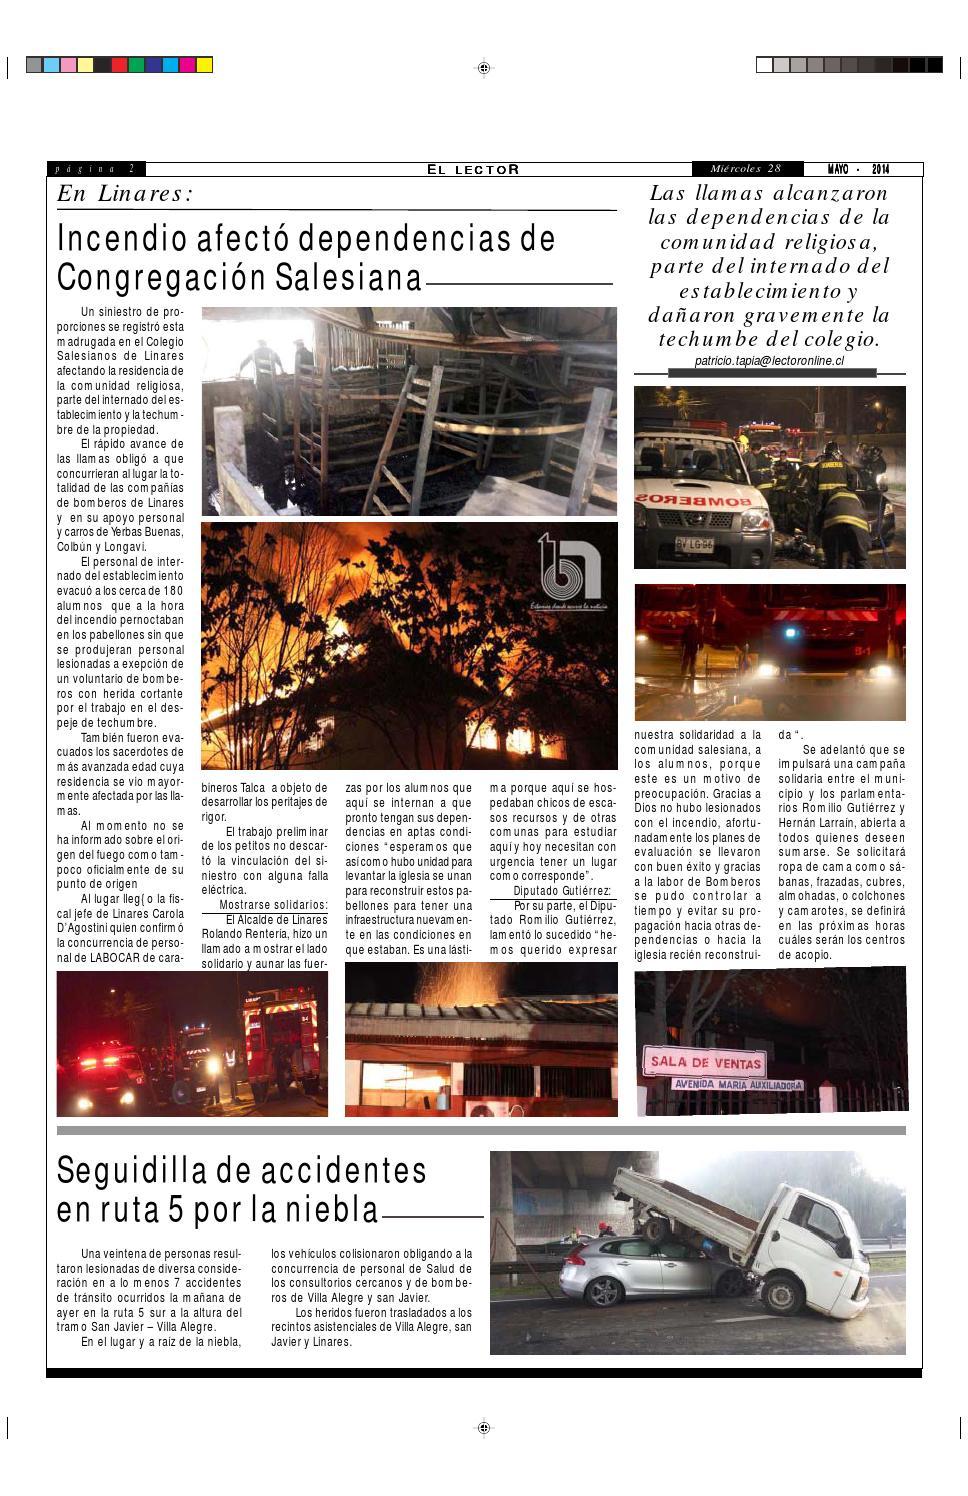 Miercoles 28 de mayo 2014 by Diario El Lector del maule - issuu